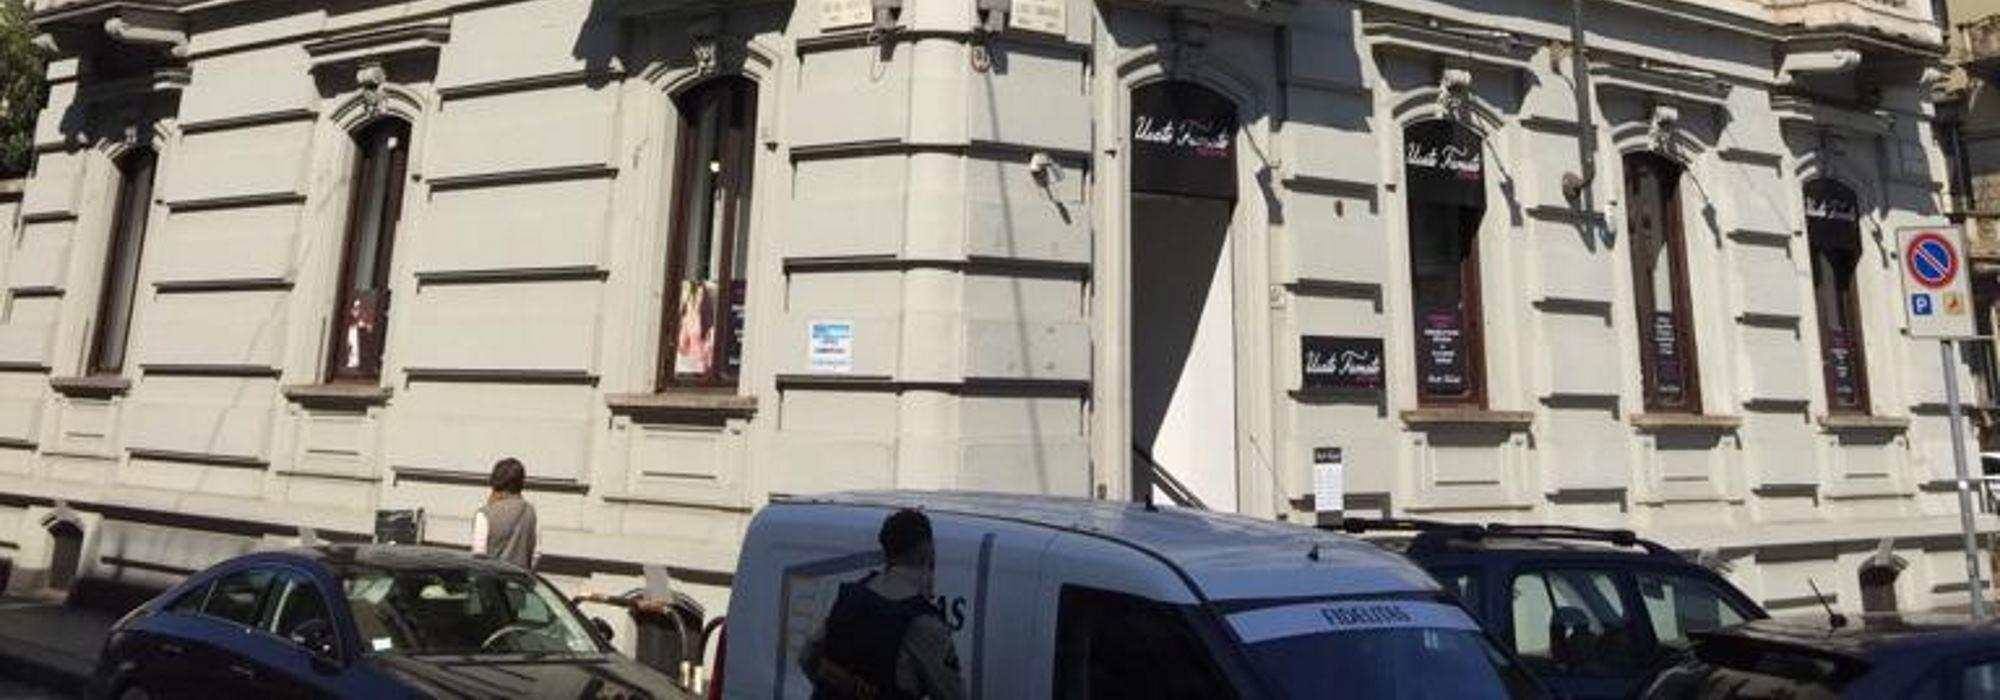 Negozio/Show – Room in via Cibrario in vendita